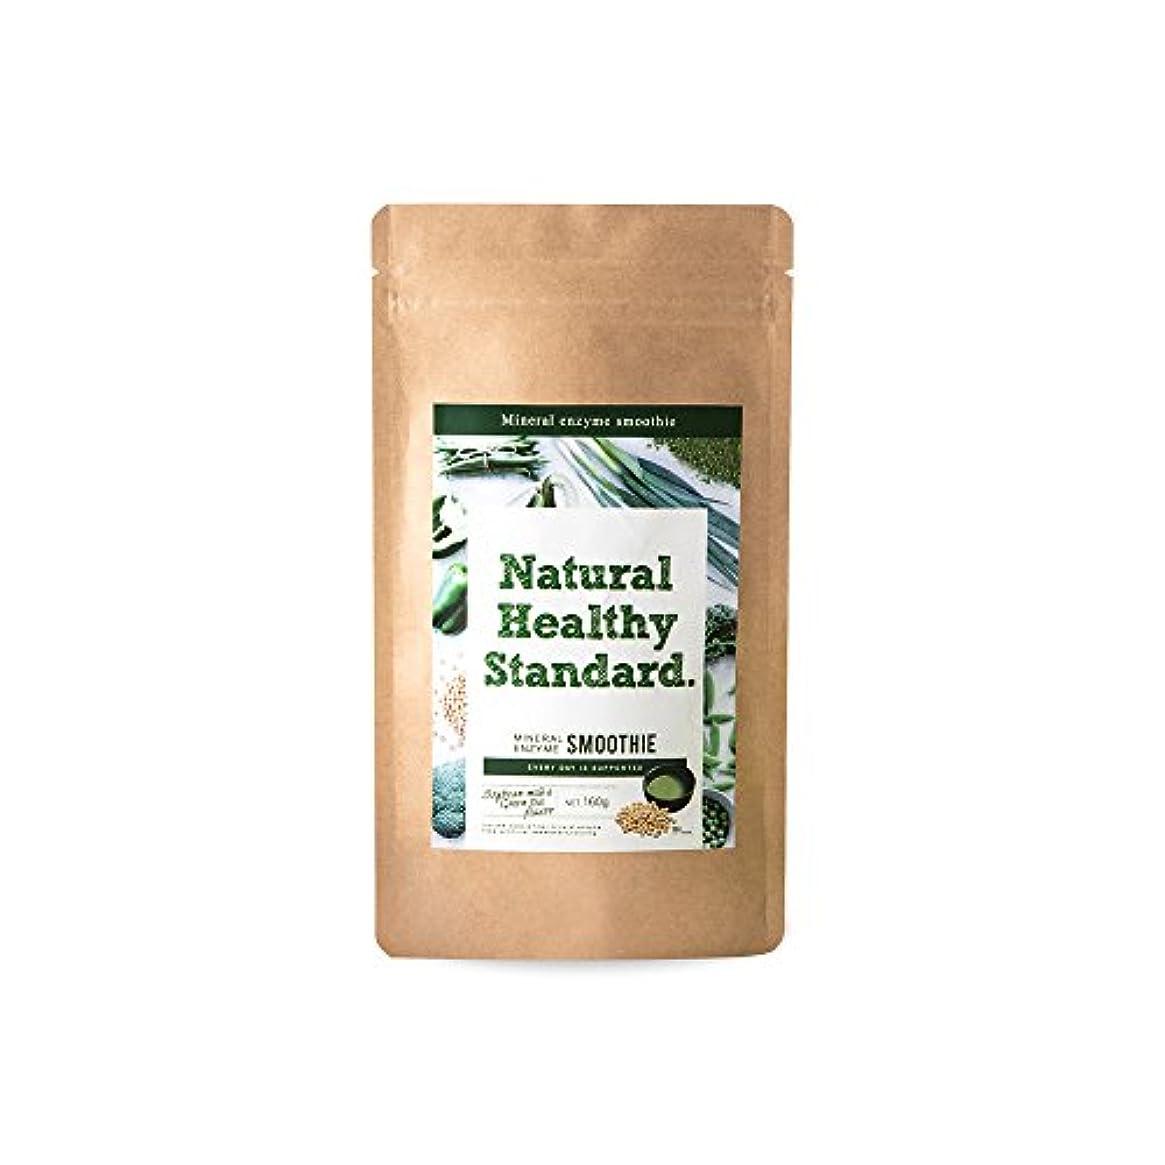 極小倍増規範NaturalHealthyStandard(ナチュラルヘルシースタンダード) ミネラル酵素グリーンスムージー 豆乳抹茶味 160g